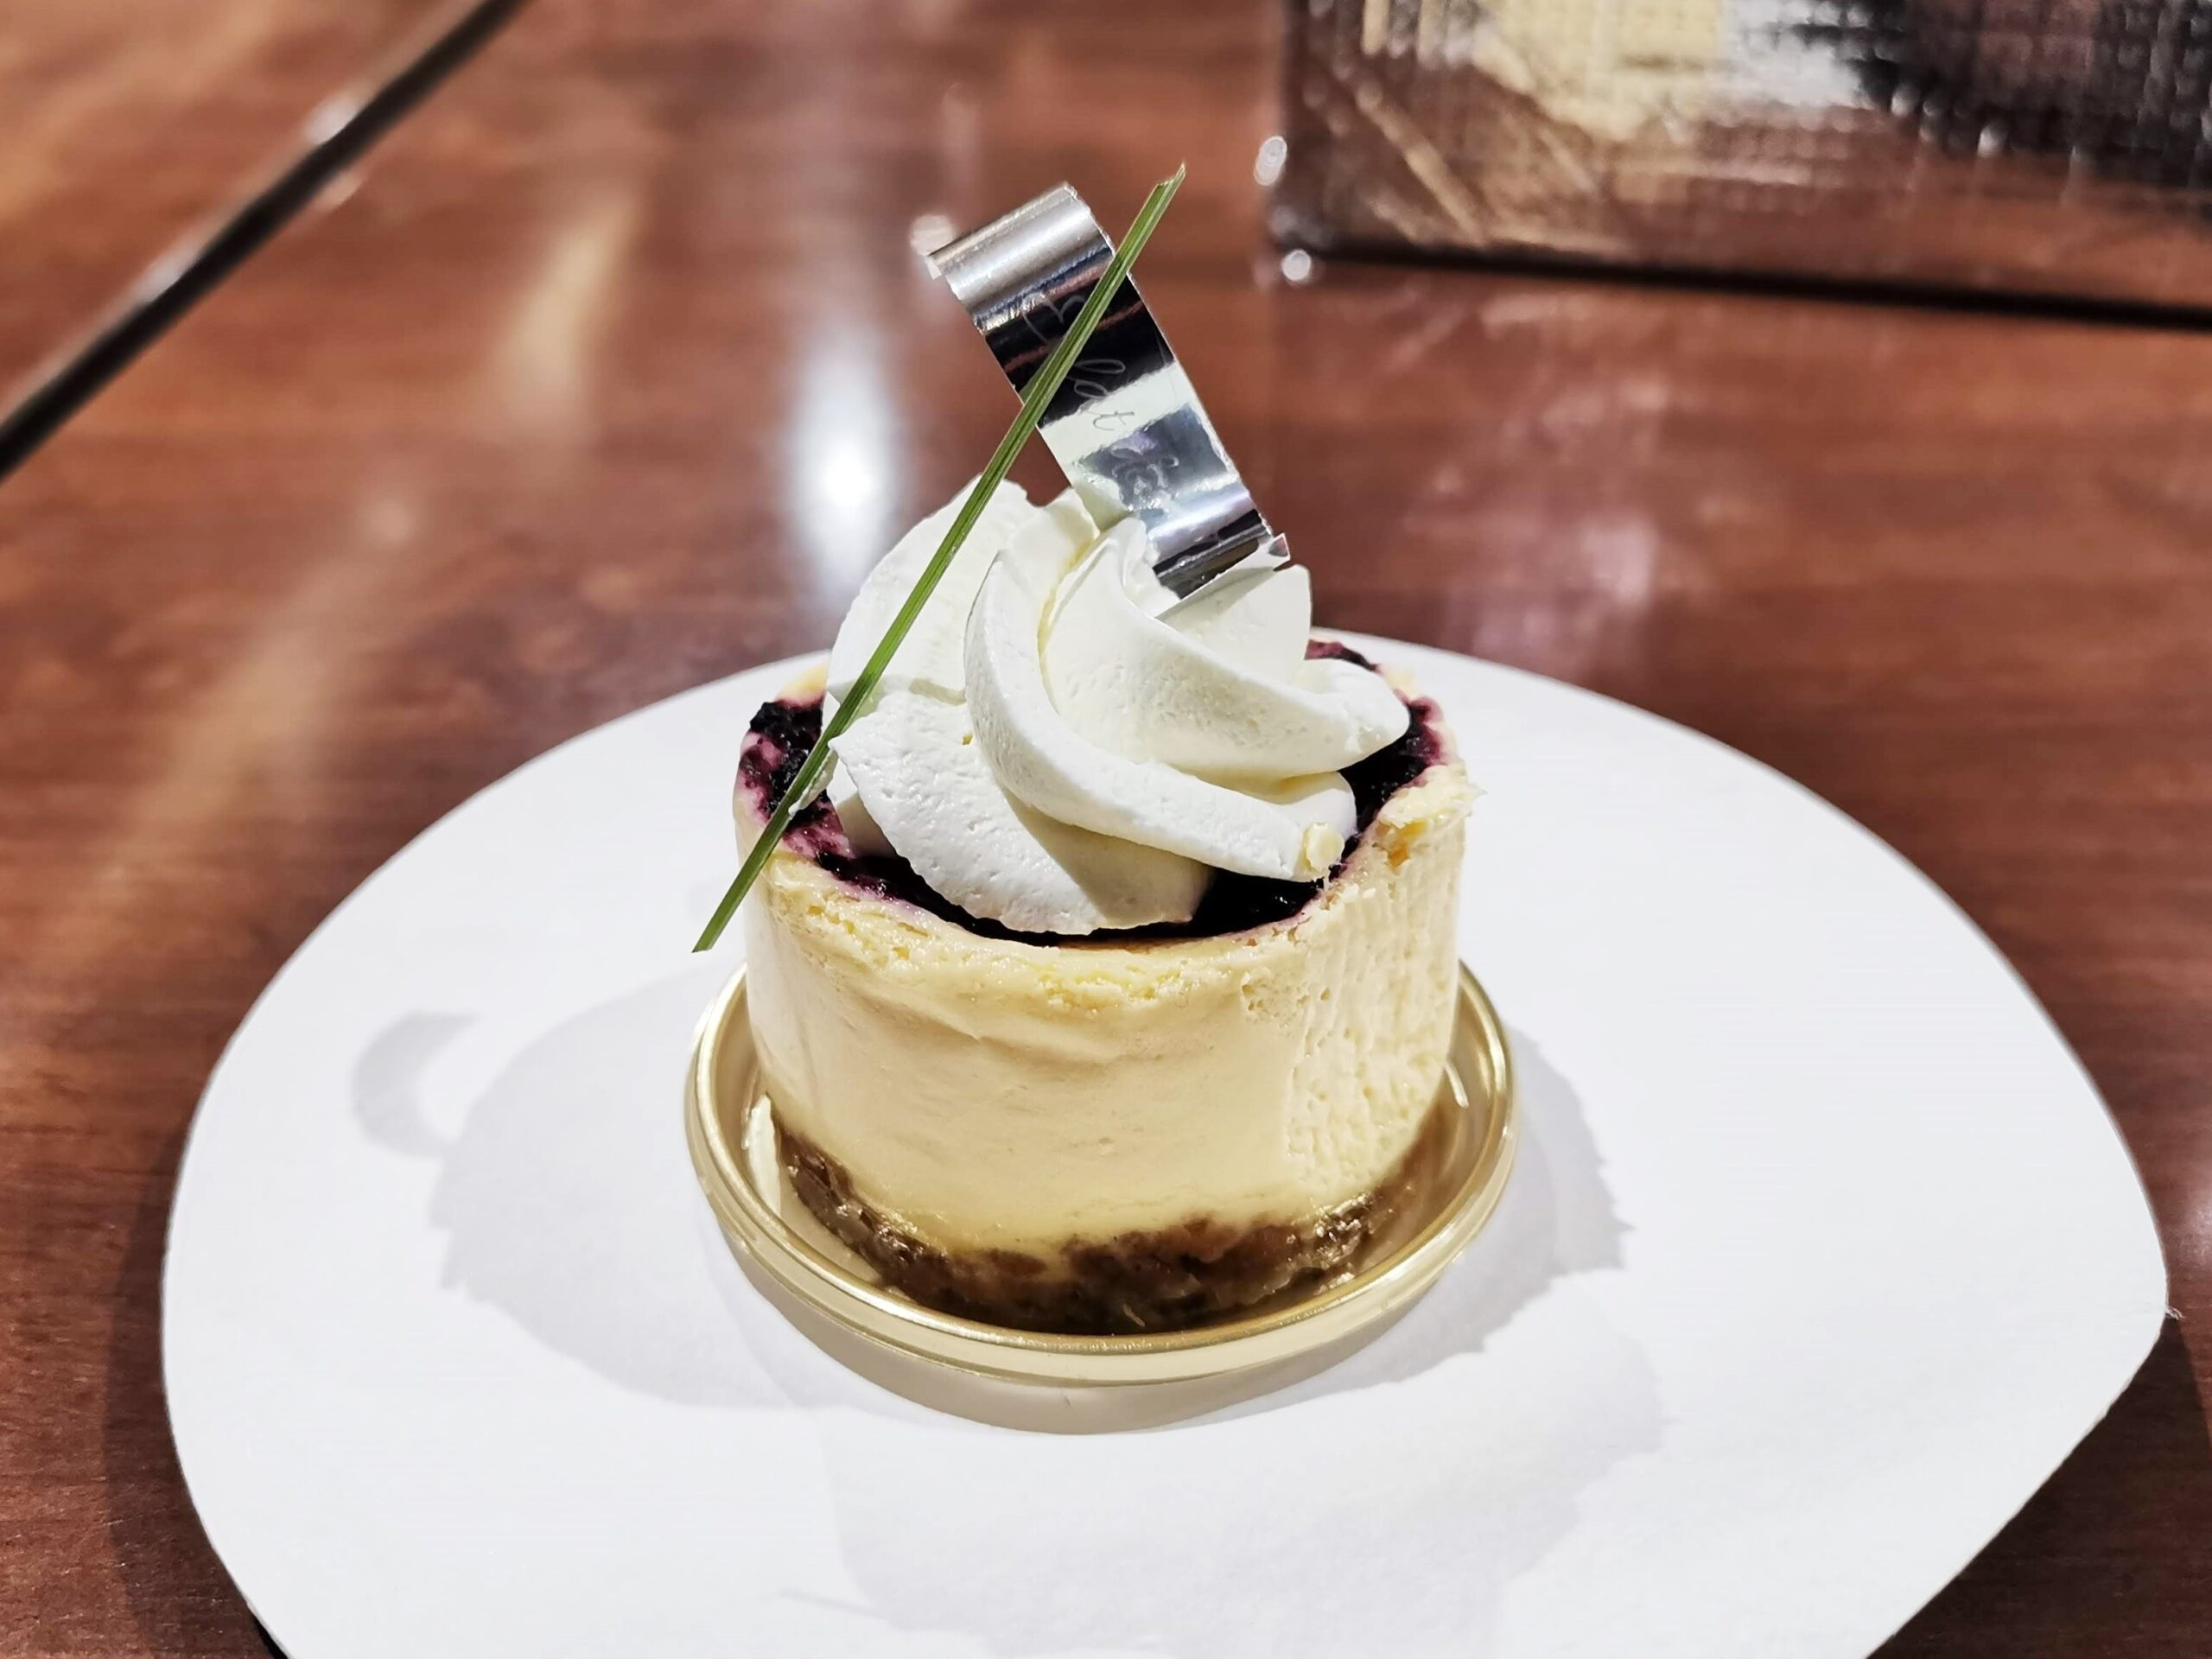 エクラデジュール(Éclat des jours)東陽町本店のチーズケーキの写真 (4)